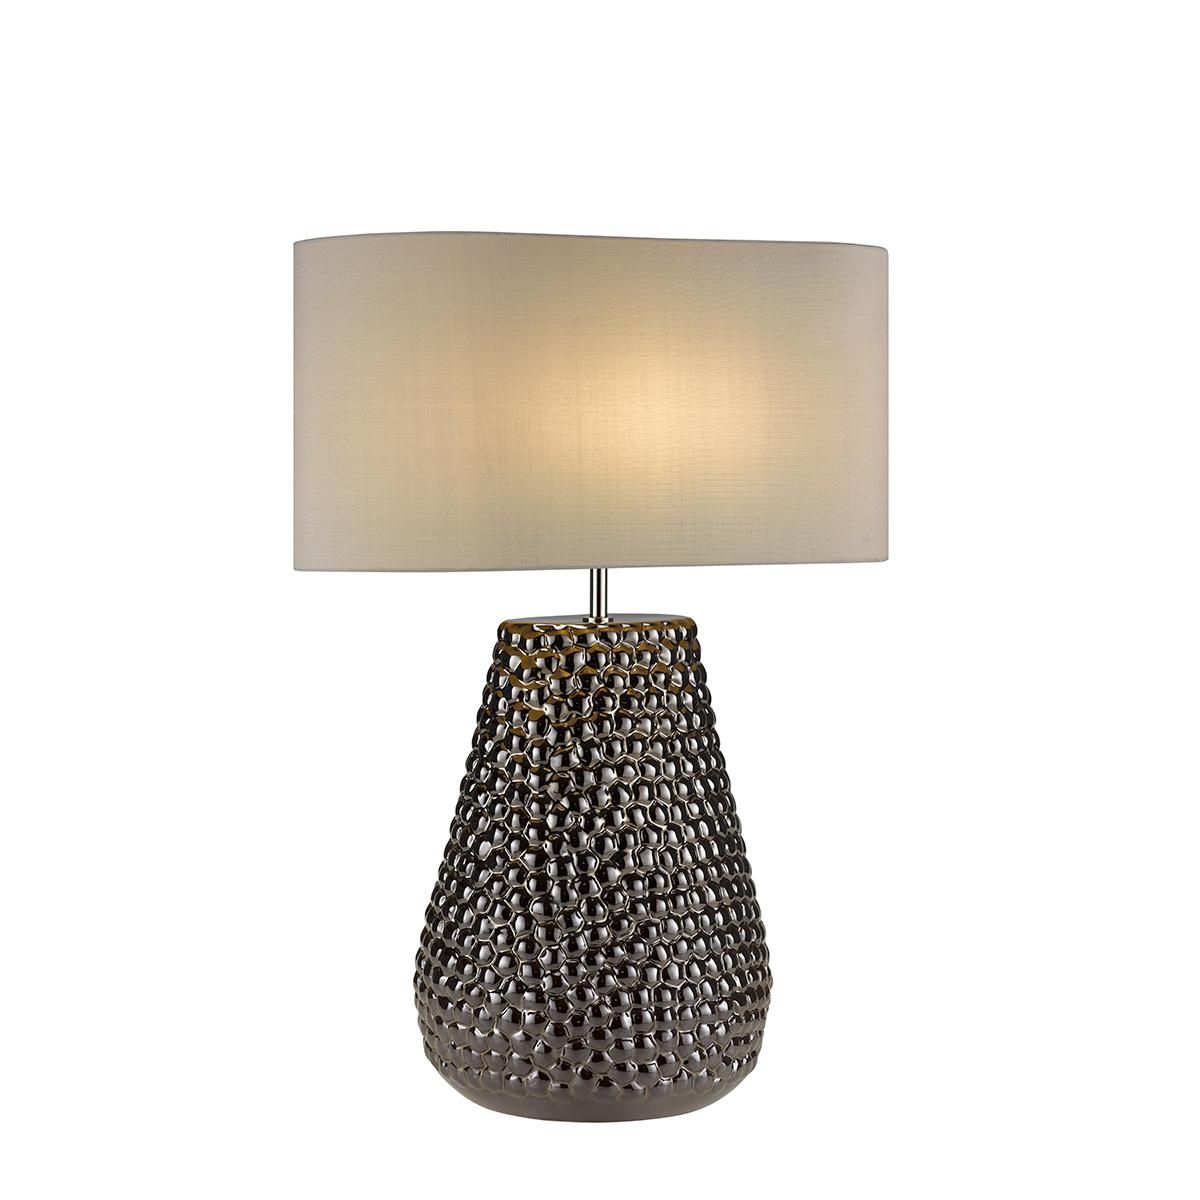 Επιτραπέζια κεραμική λάμπα PAPAYA table lamp